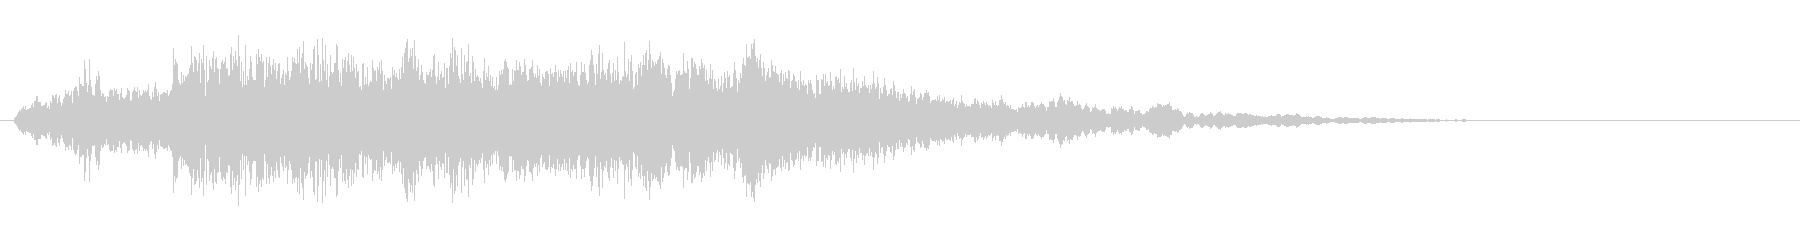 電波ノイズ 5の未再生の波形